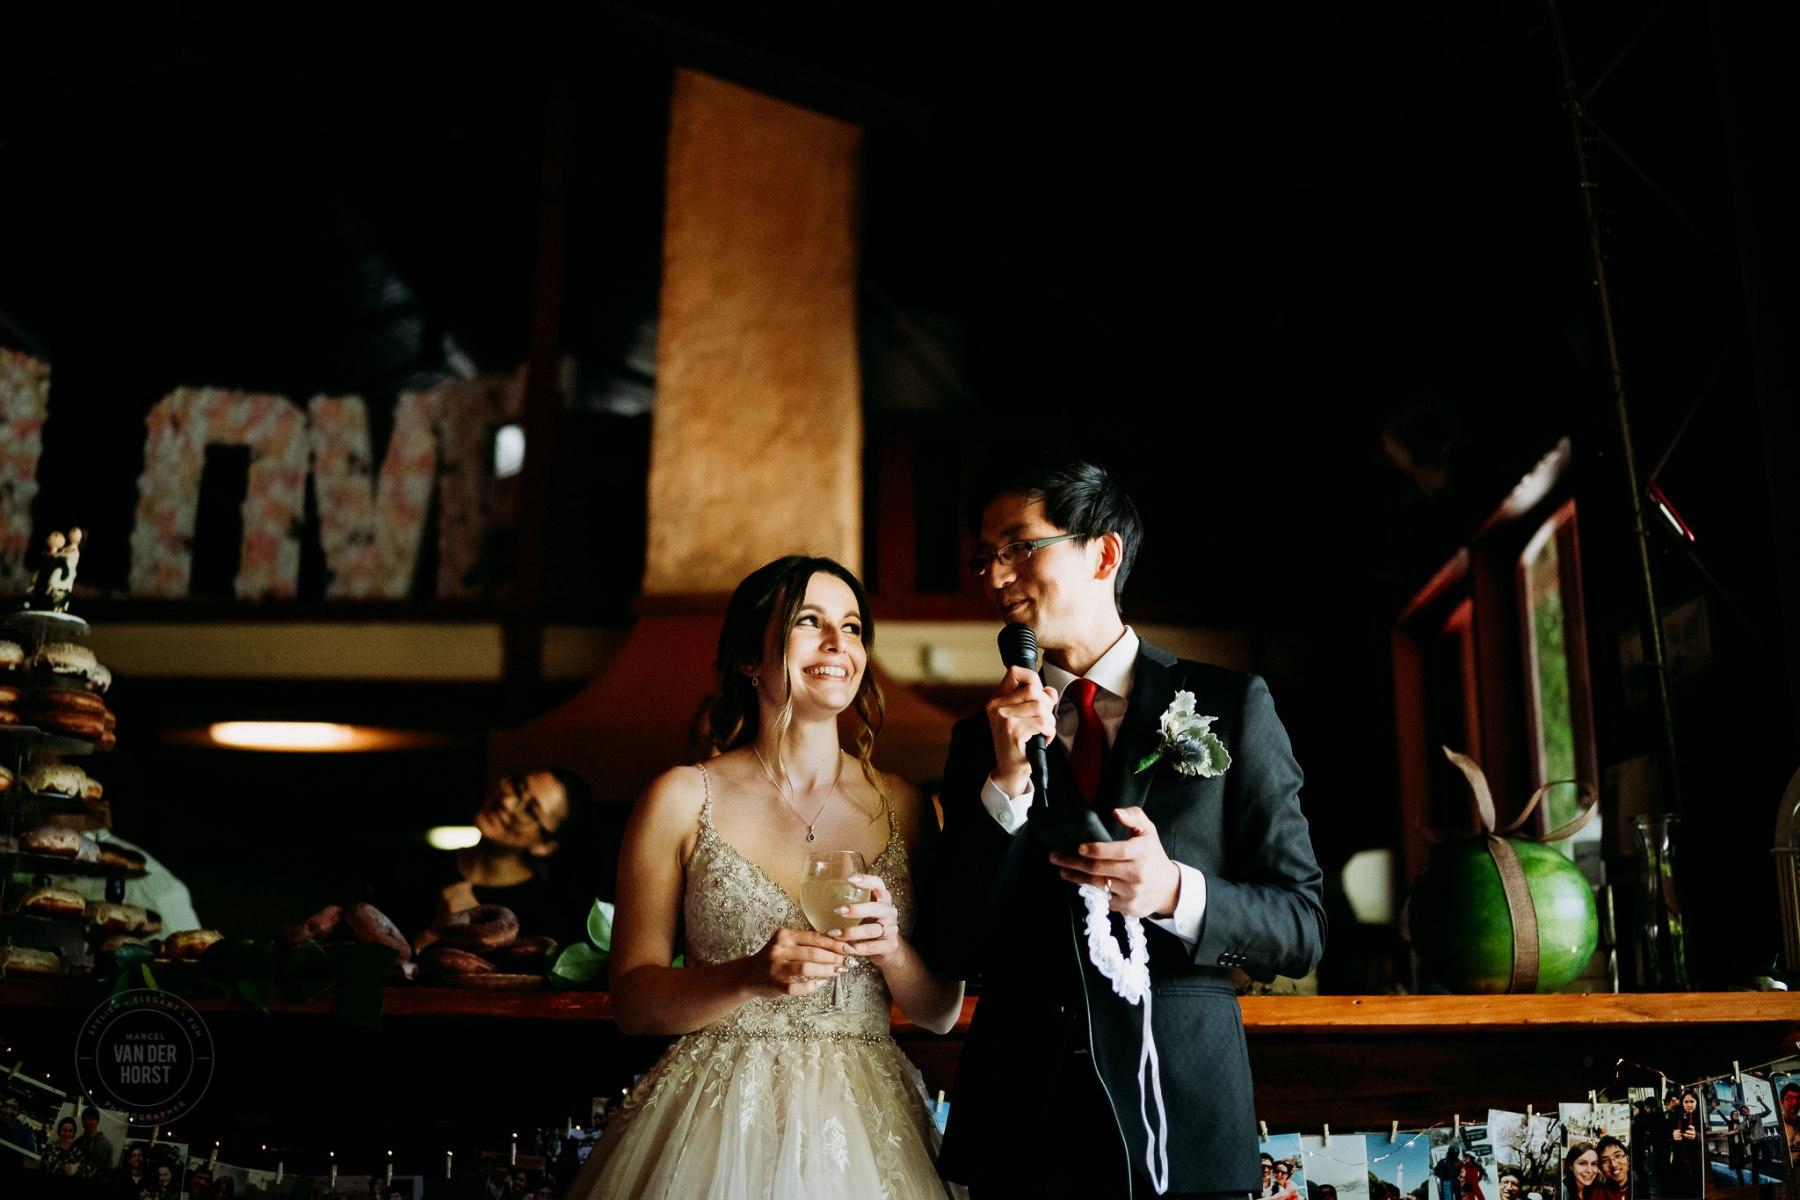 SHANG-AND-SAMANTHAS-WEDDING